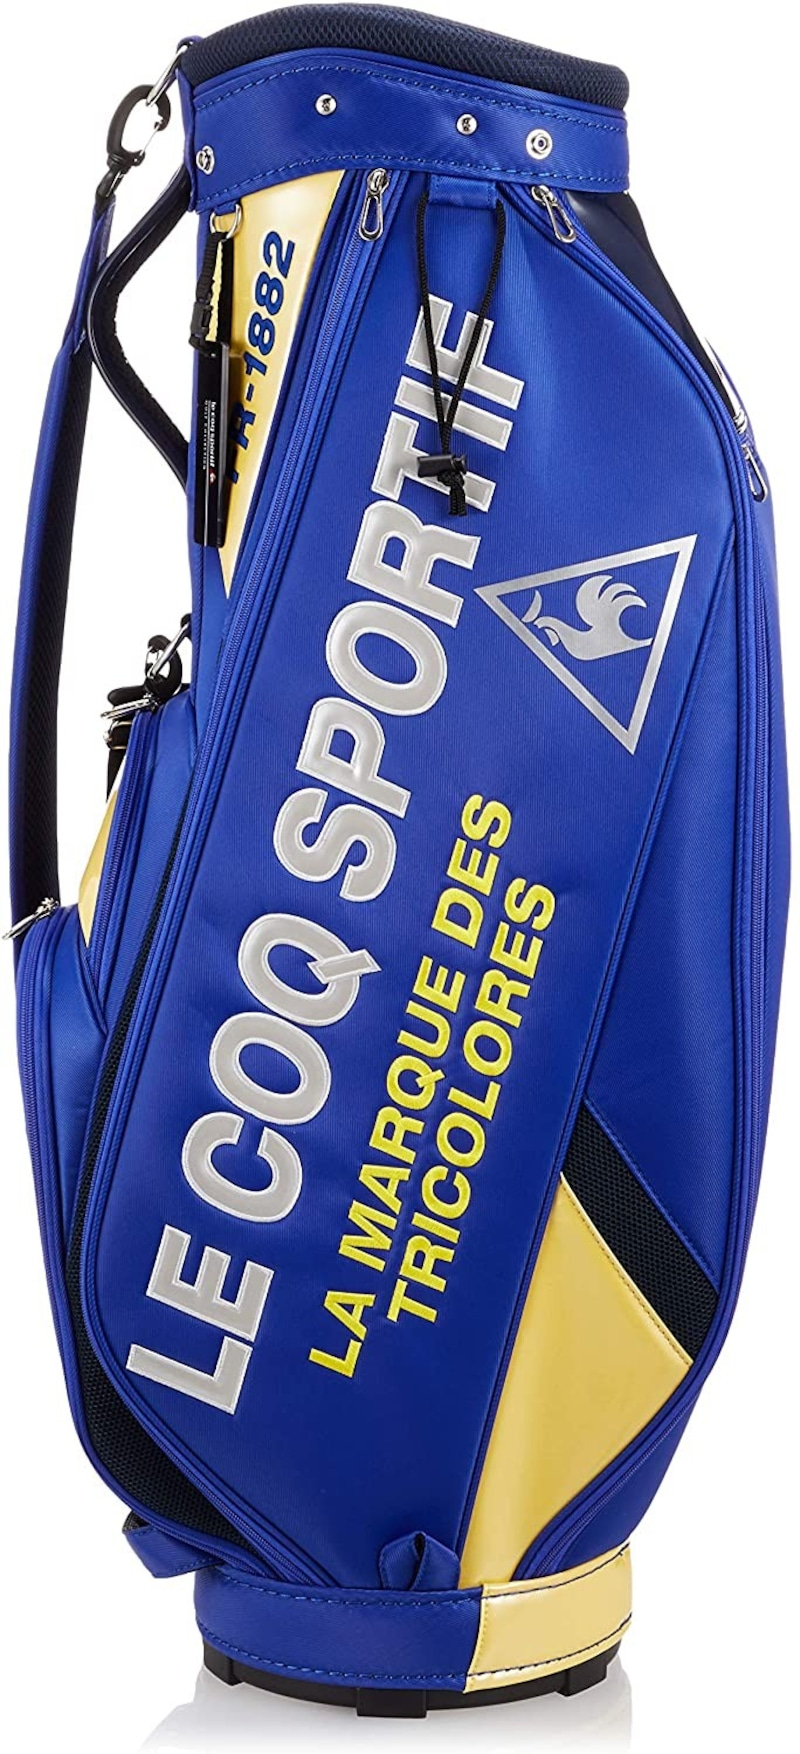 le coq sportif(ルコックスポルティフ),キャディバッグ 軽量 9.0型,QQBPJJ08